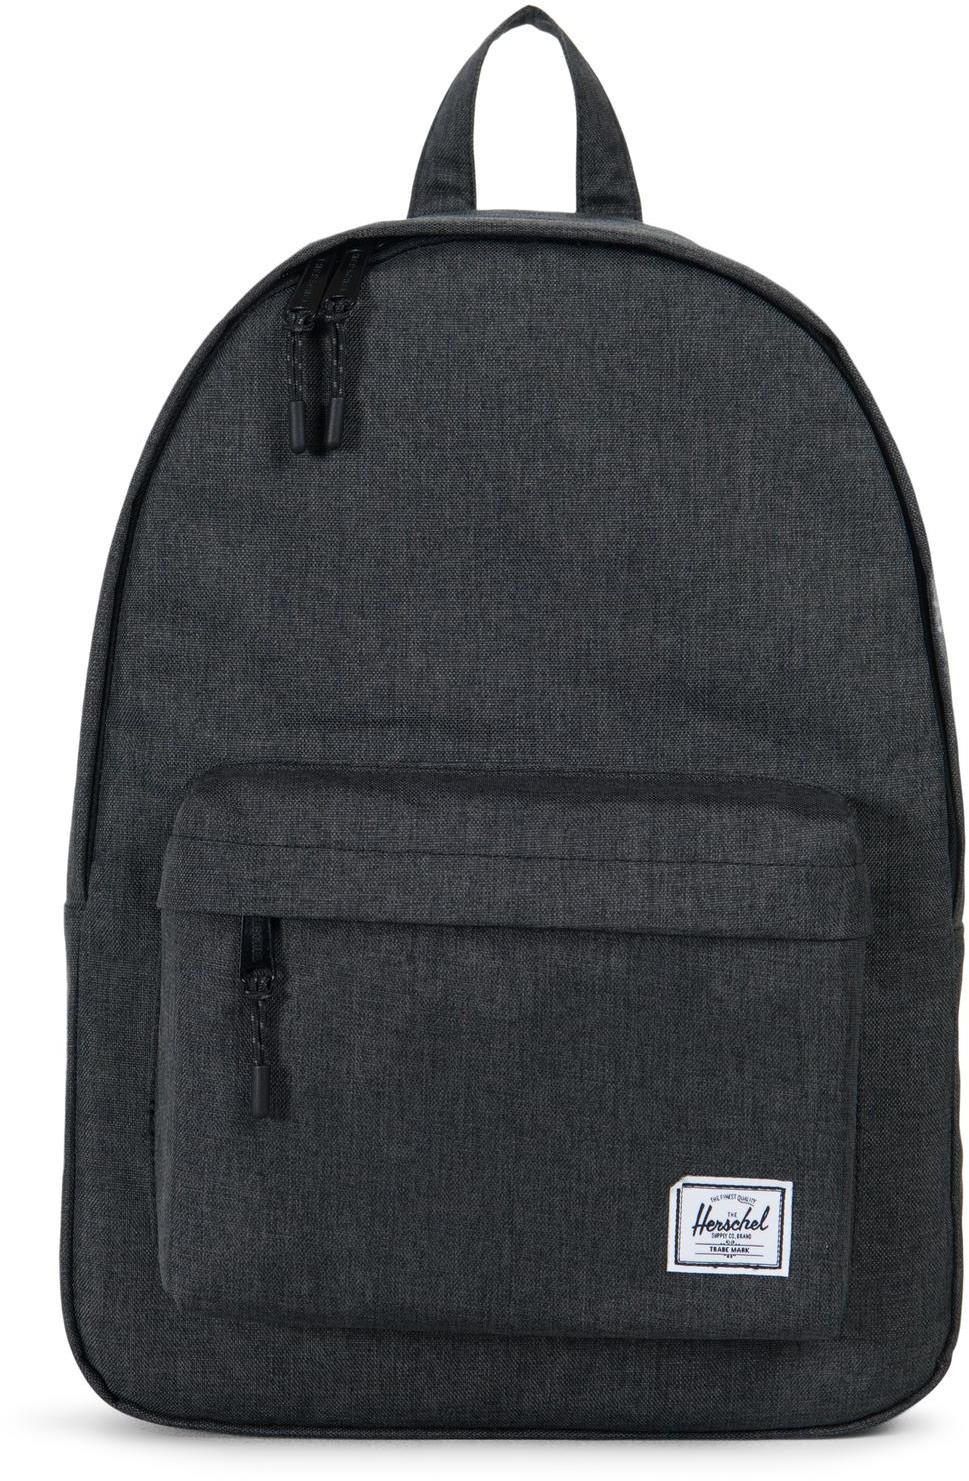 9da2aac1042 ▷ Herschel Classic Backpack Black Crosshatch online bei Bikester.ch